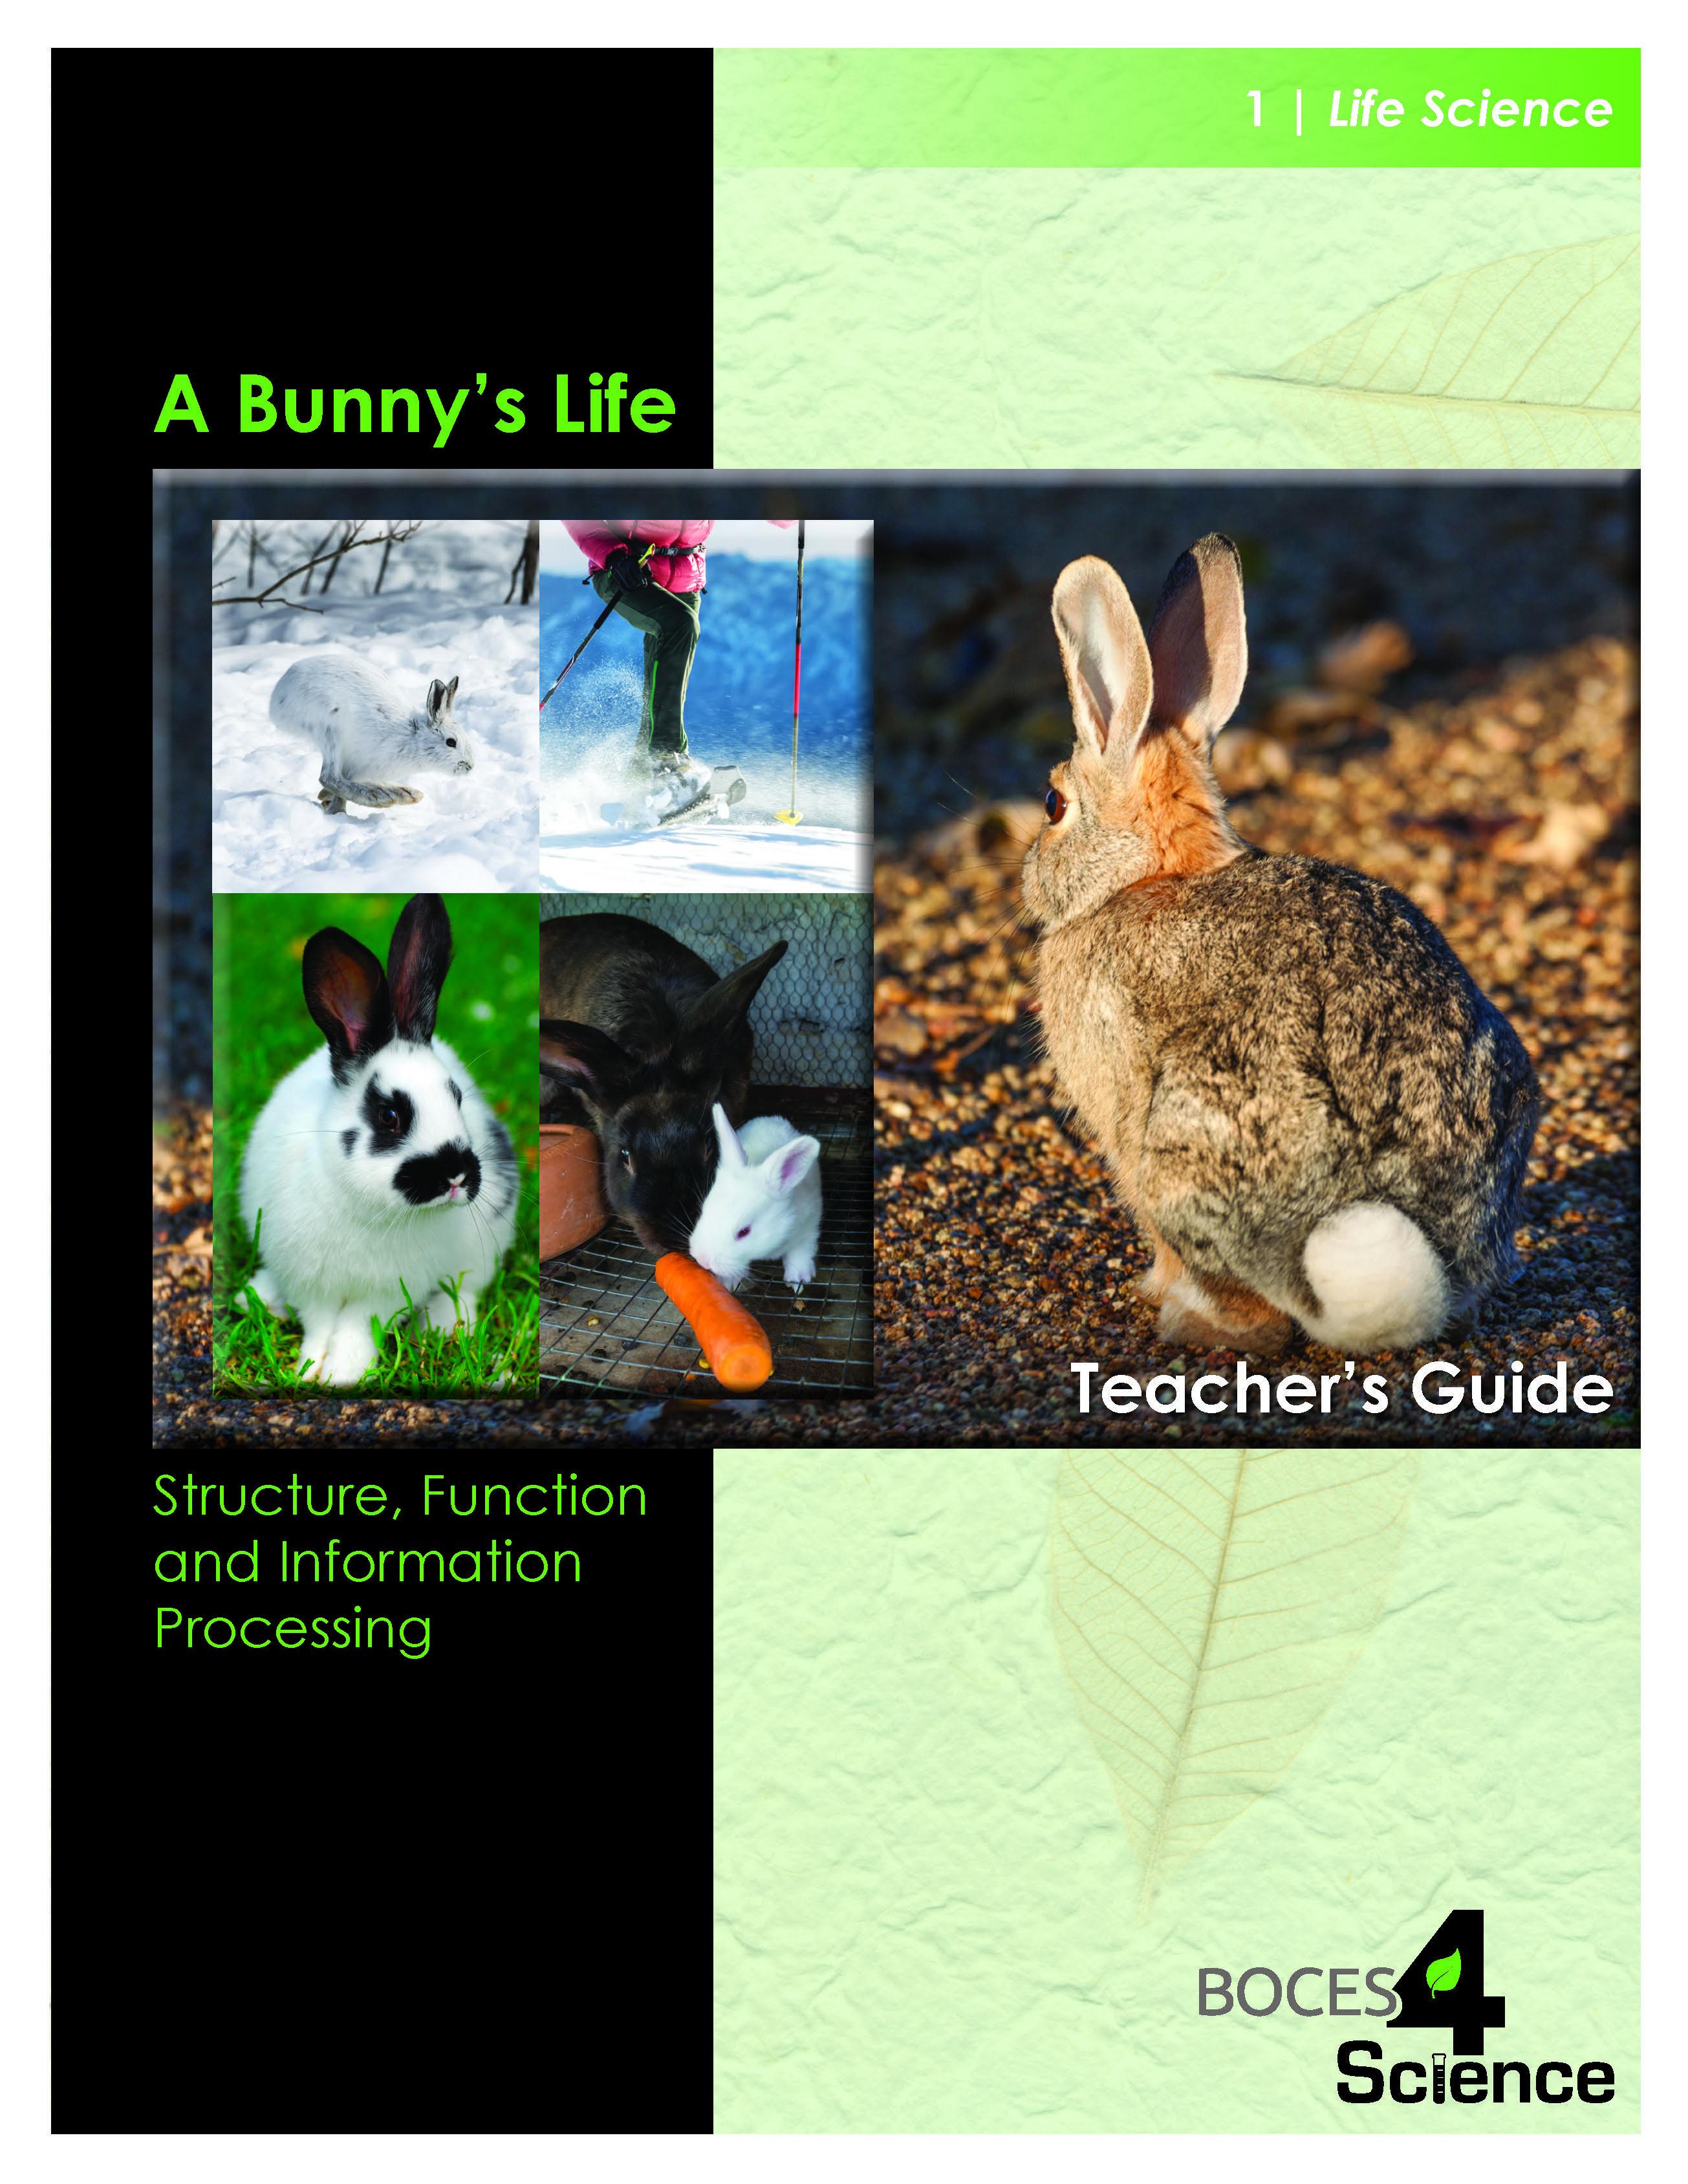 A Bunny's Life